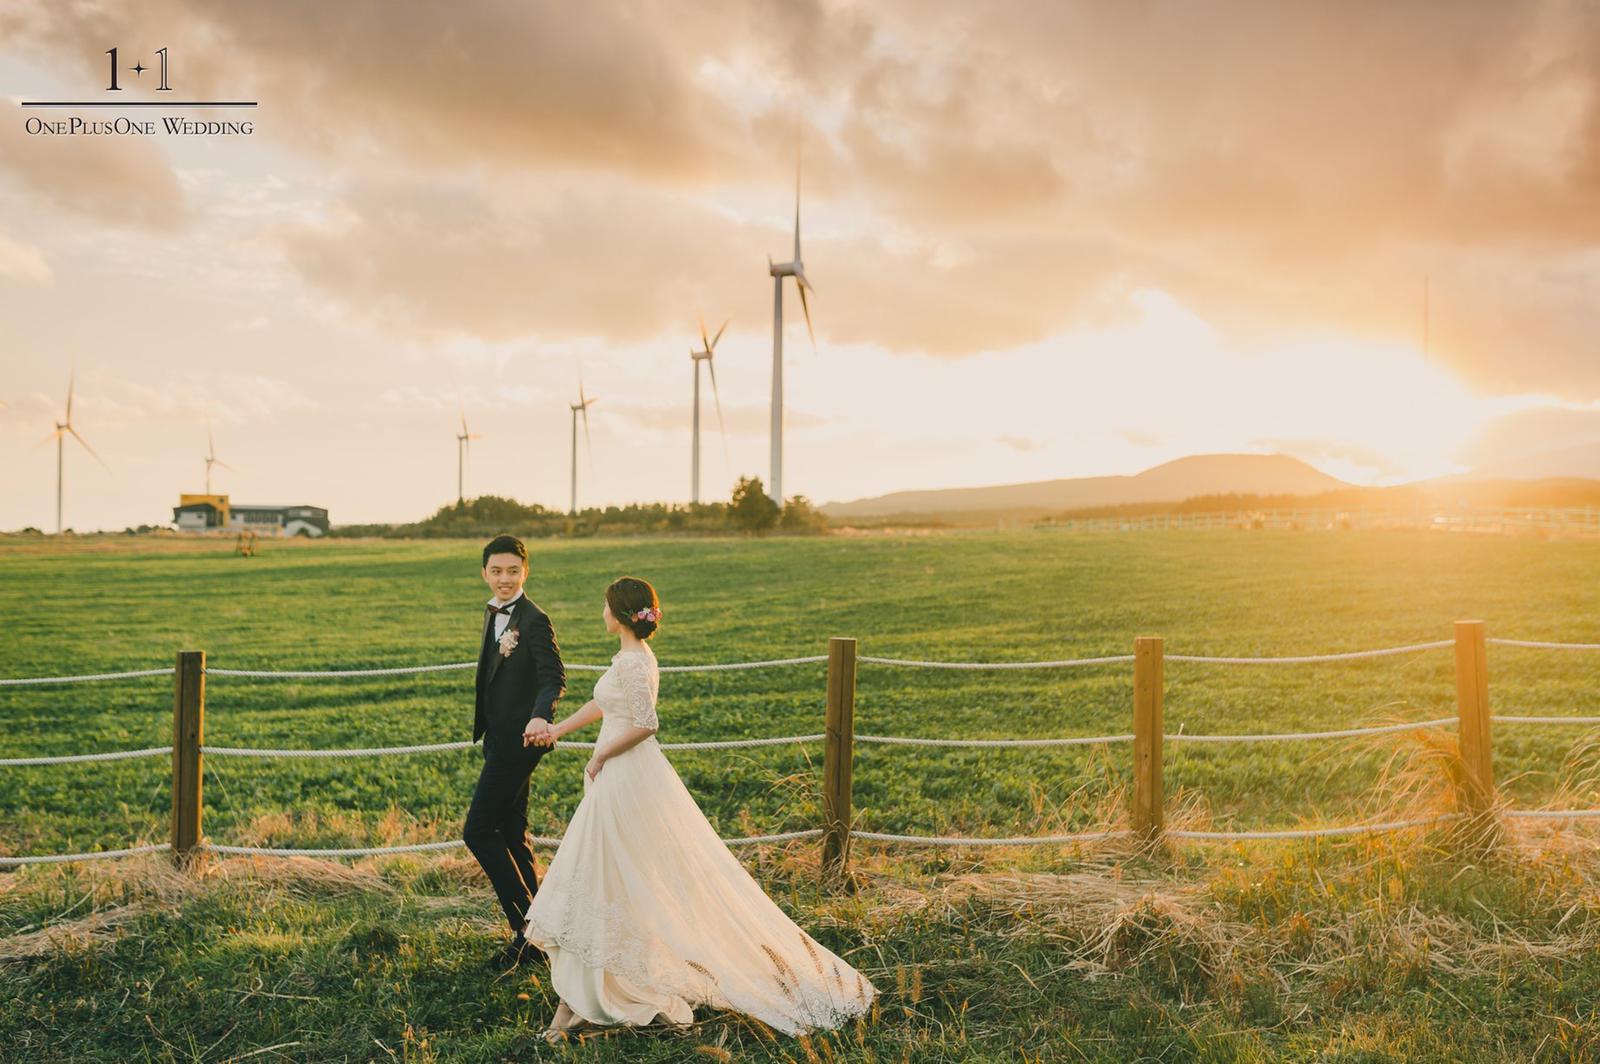 韓國濟州婚紗攝影-四月婚展優惠-24